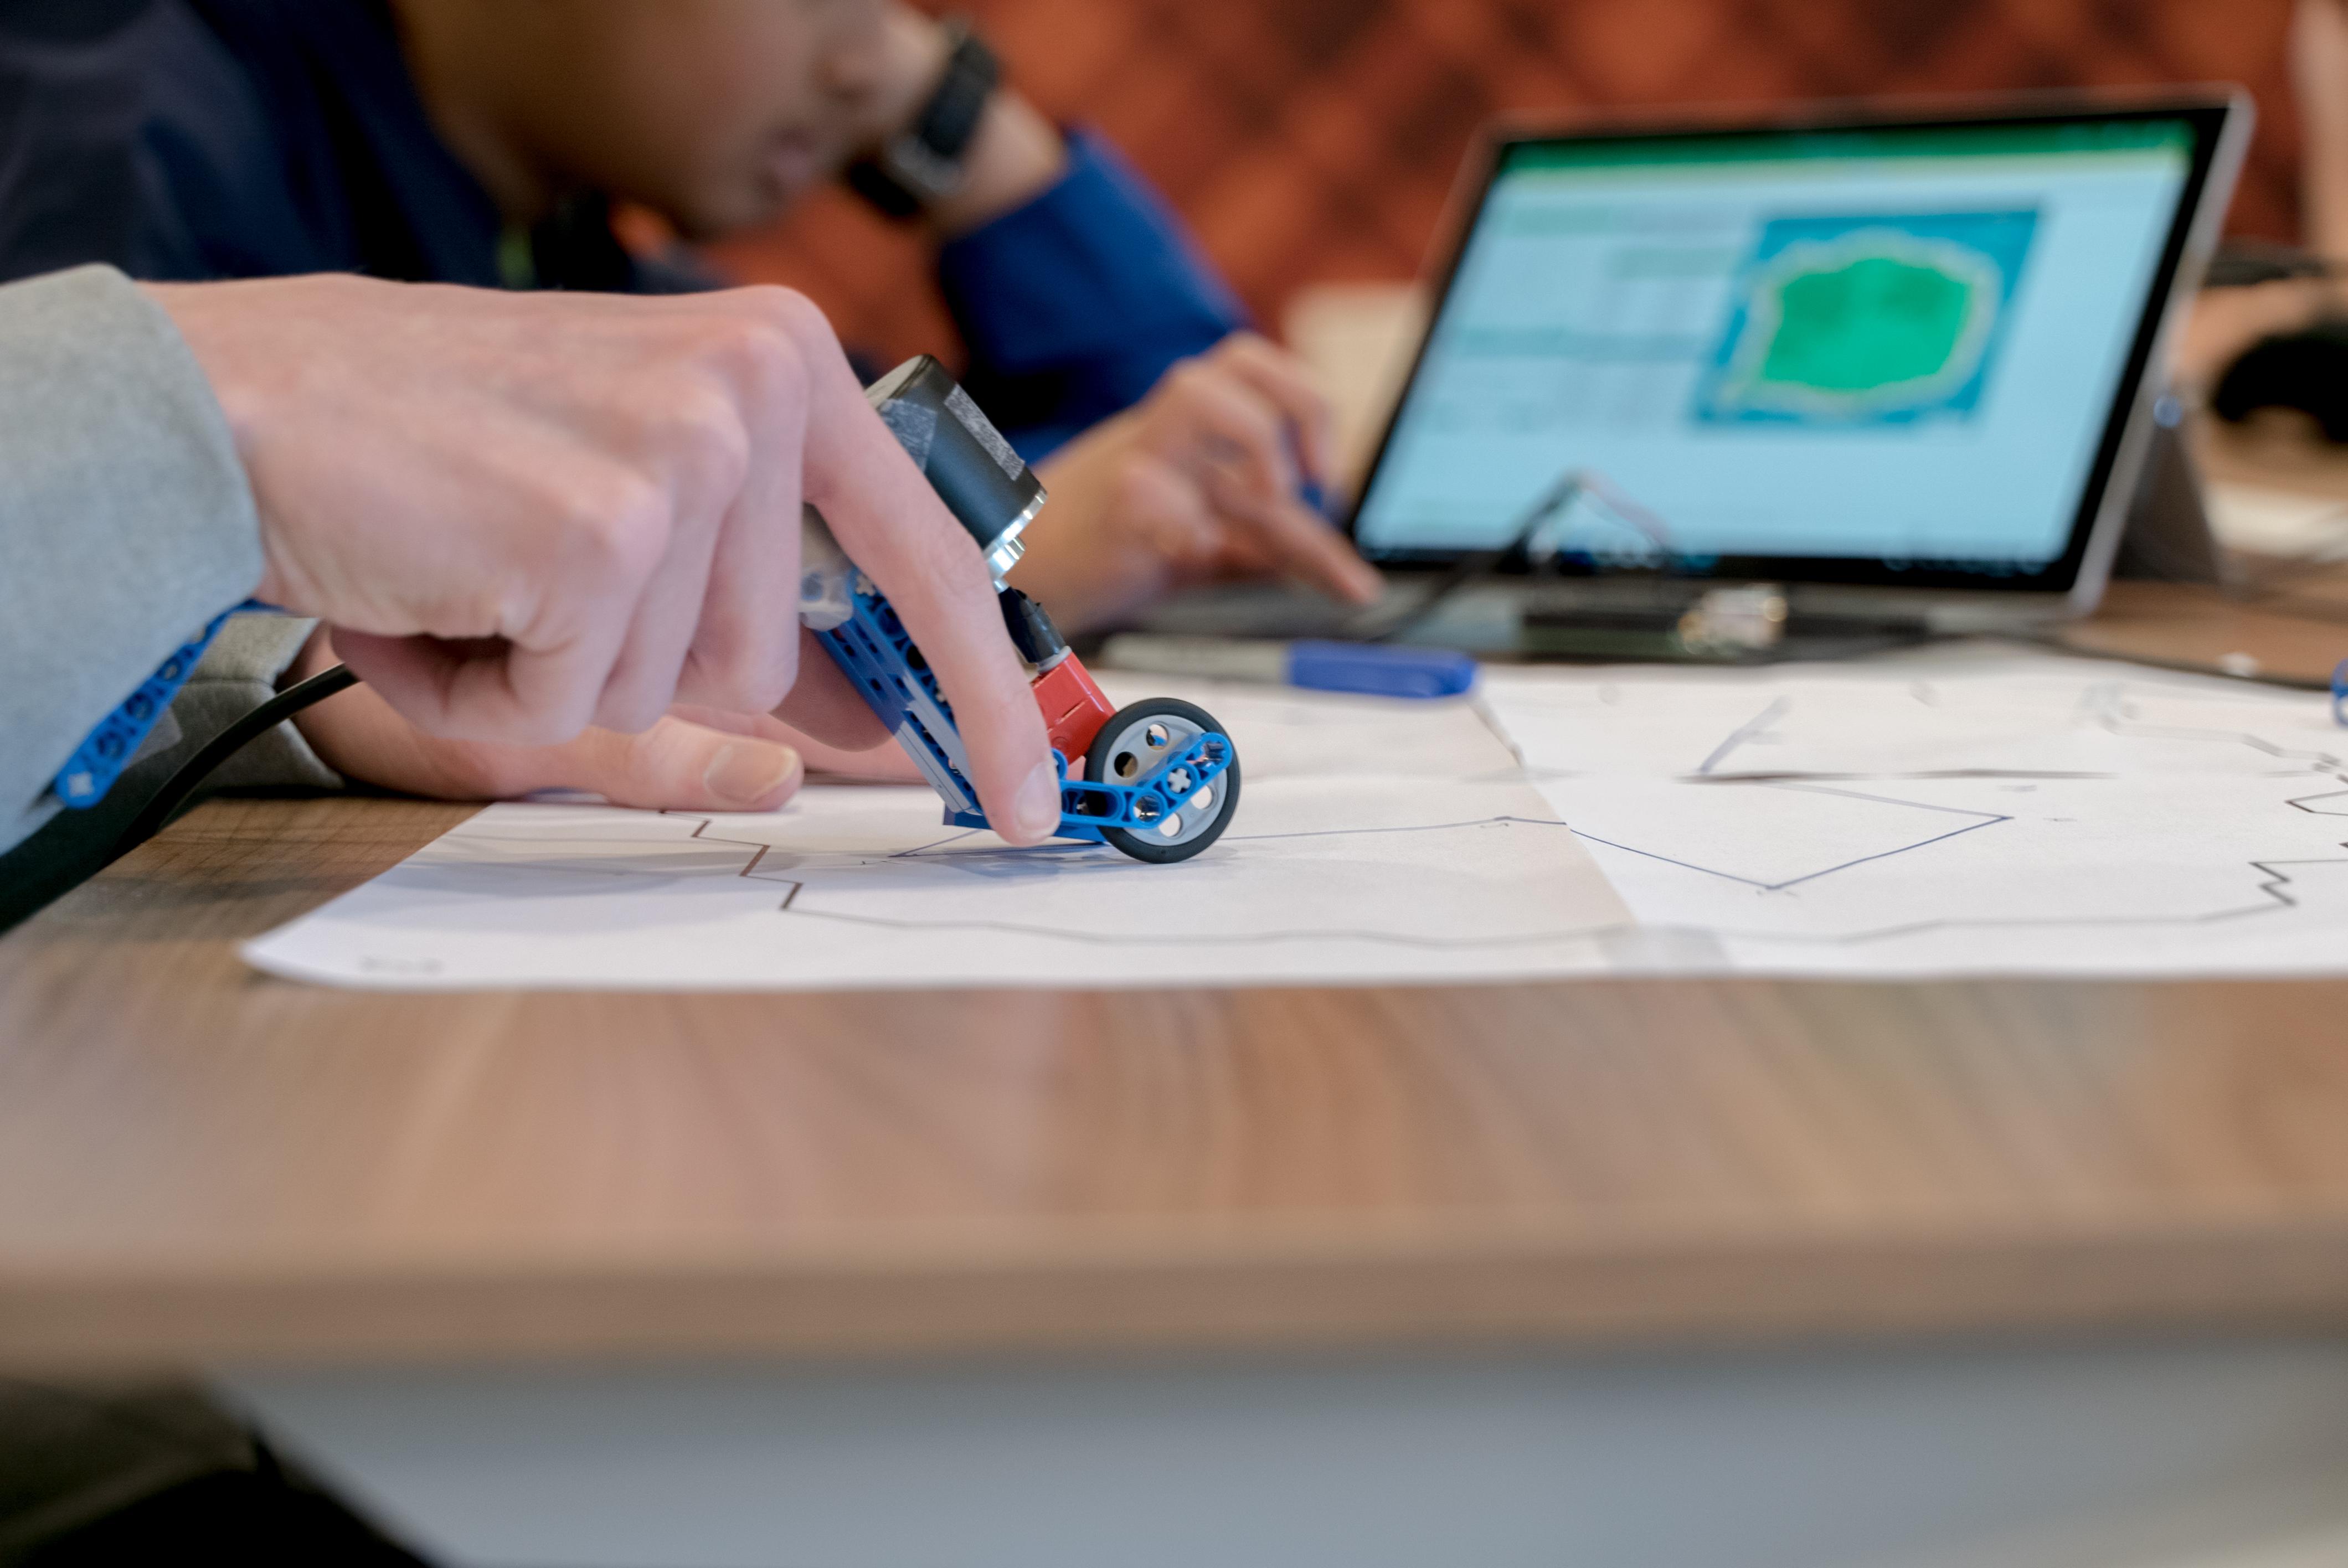 Platformele și aplicațiile pot transforma educația școlară